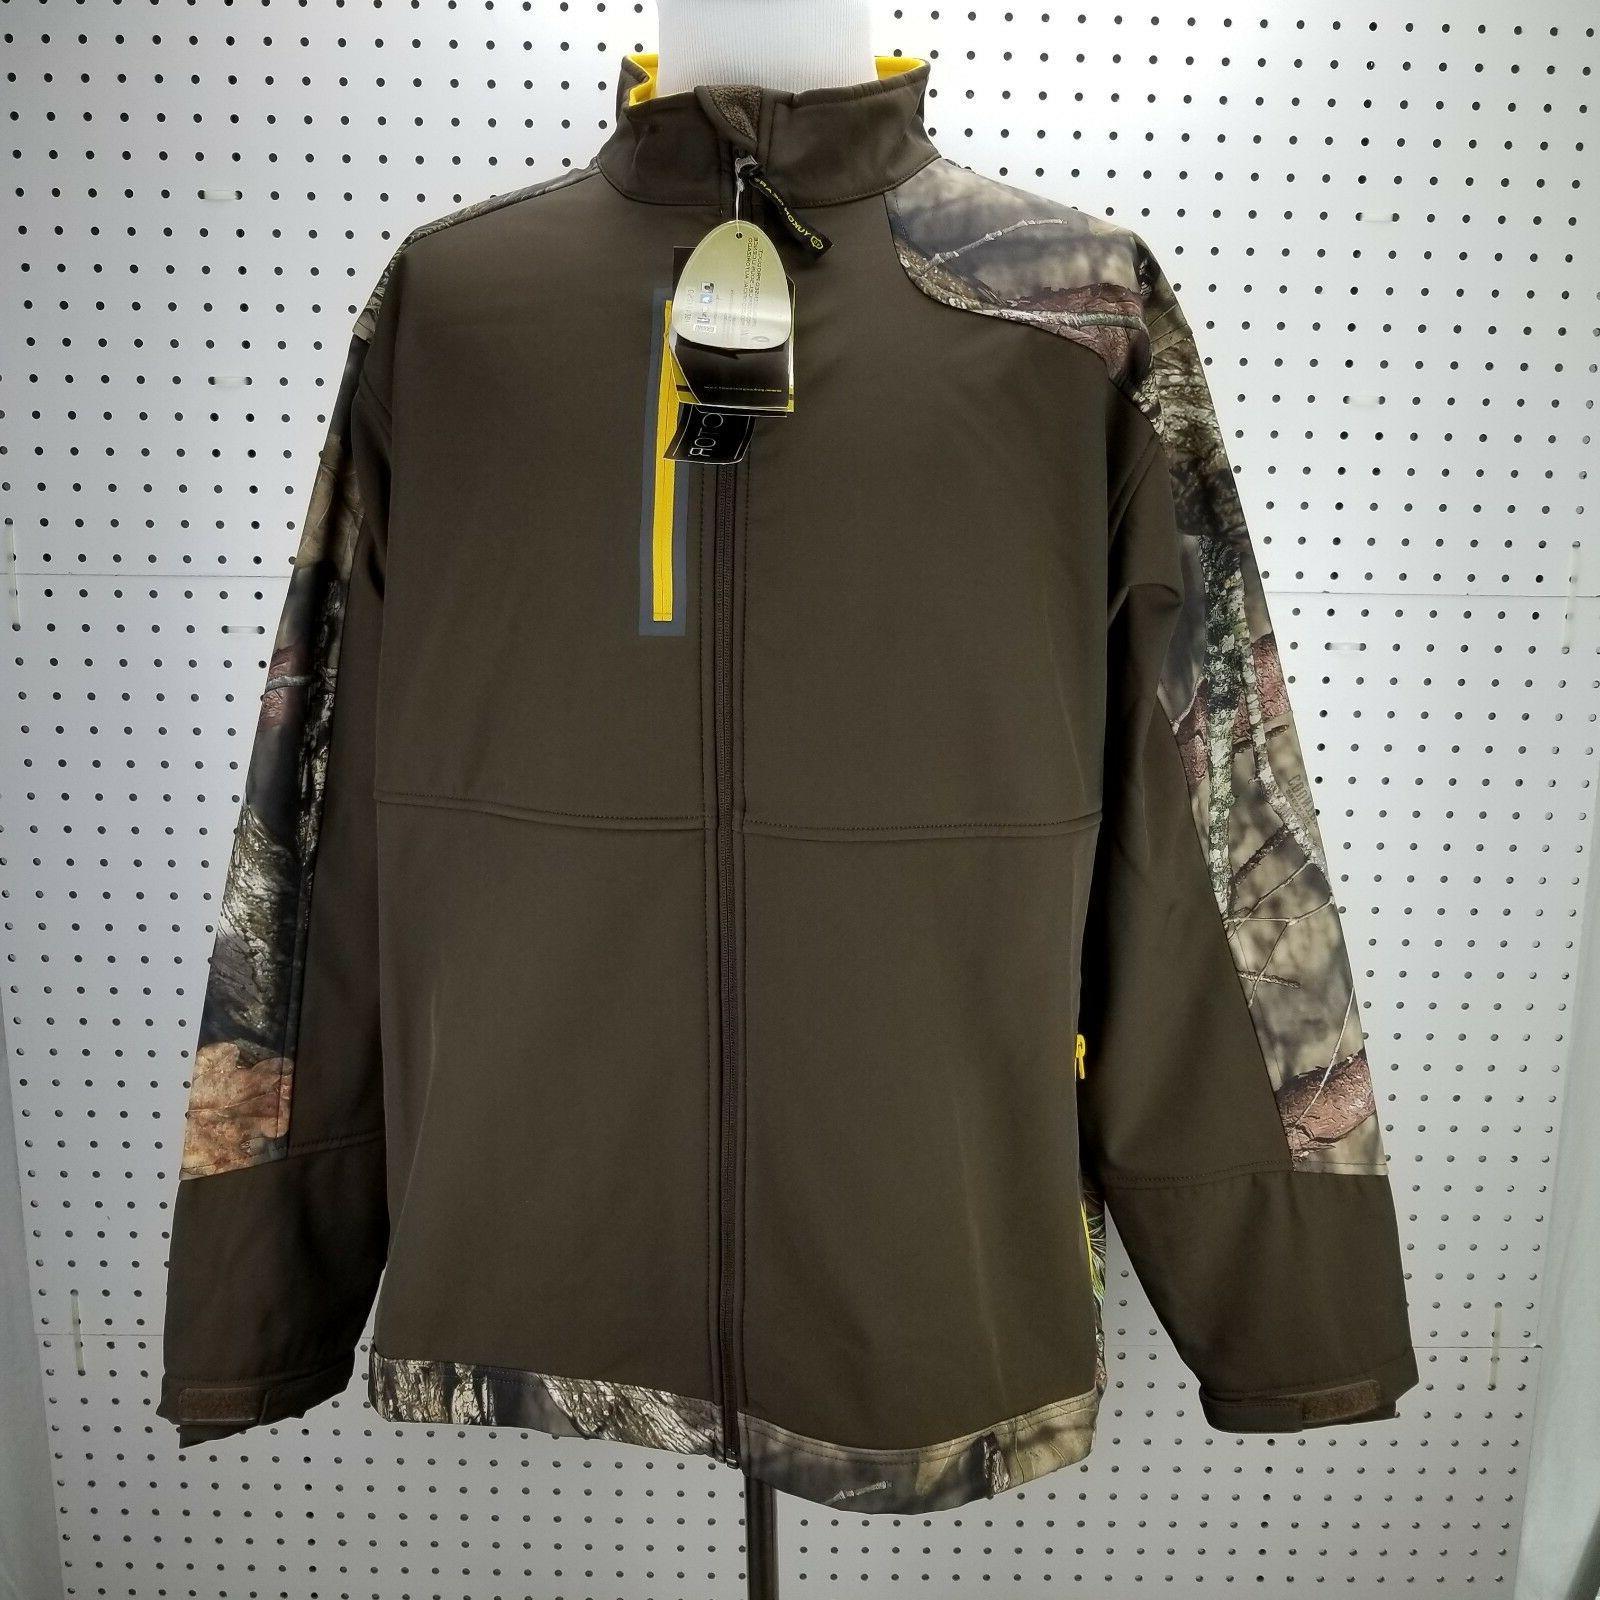 Yukon Gear Windproof Softshell Fleece Jacket, Mossy Oak Brea